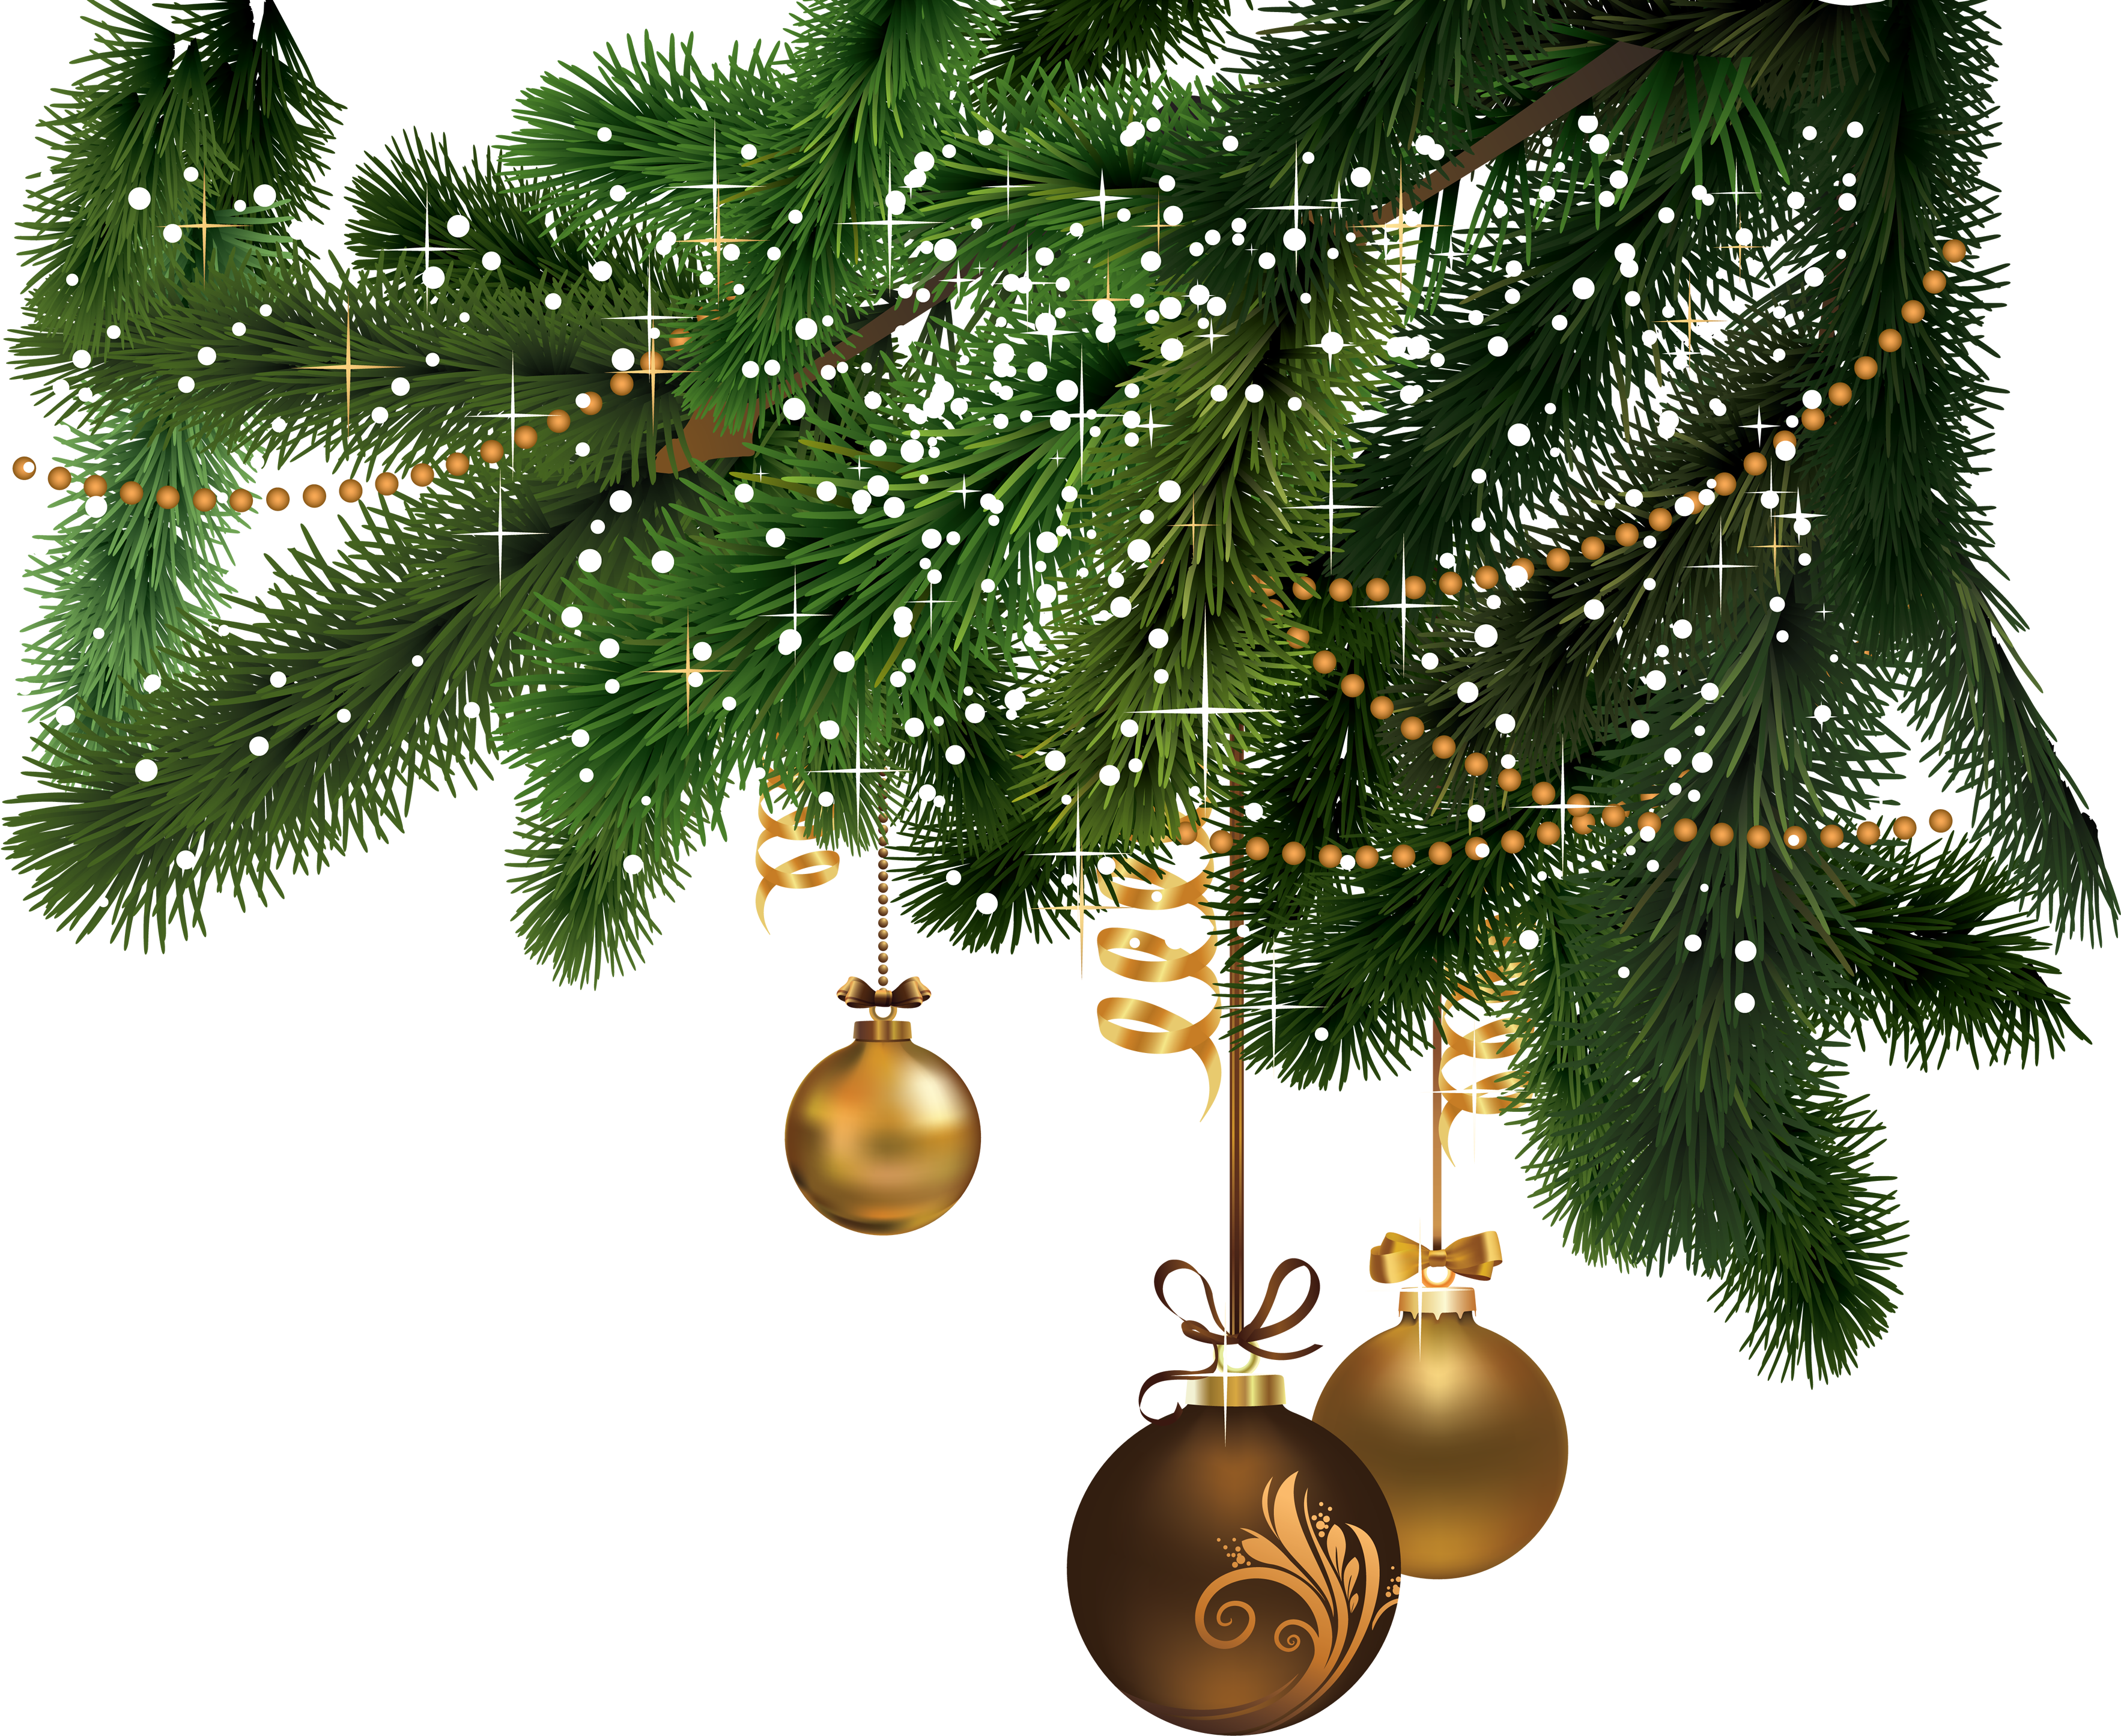 Christmas Tree PNG - 6122